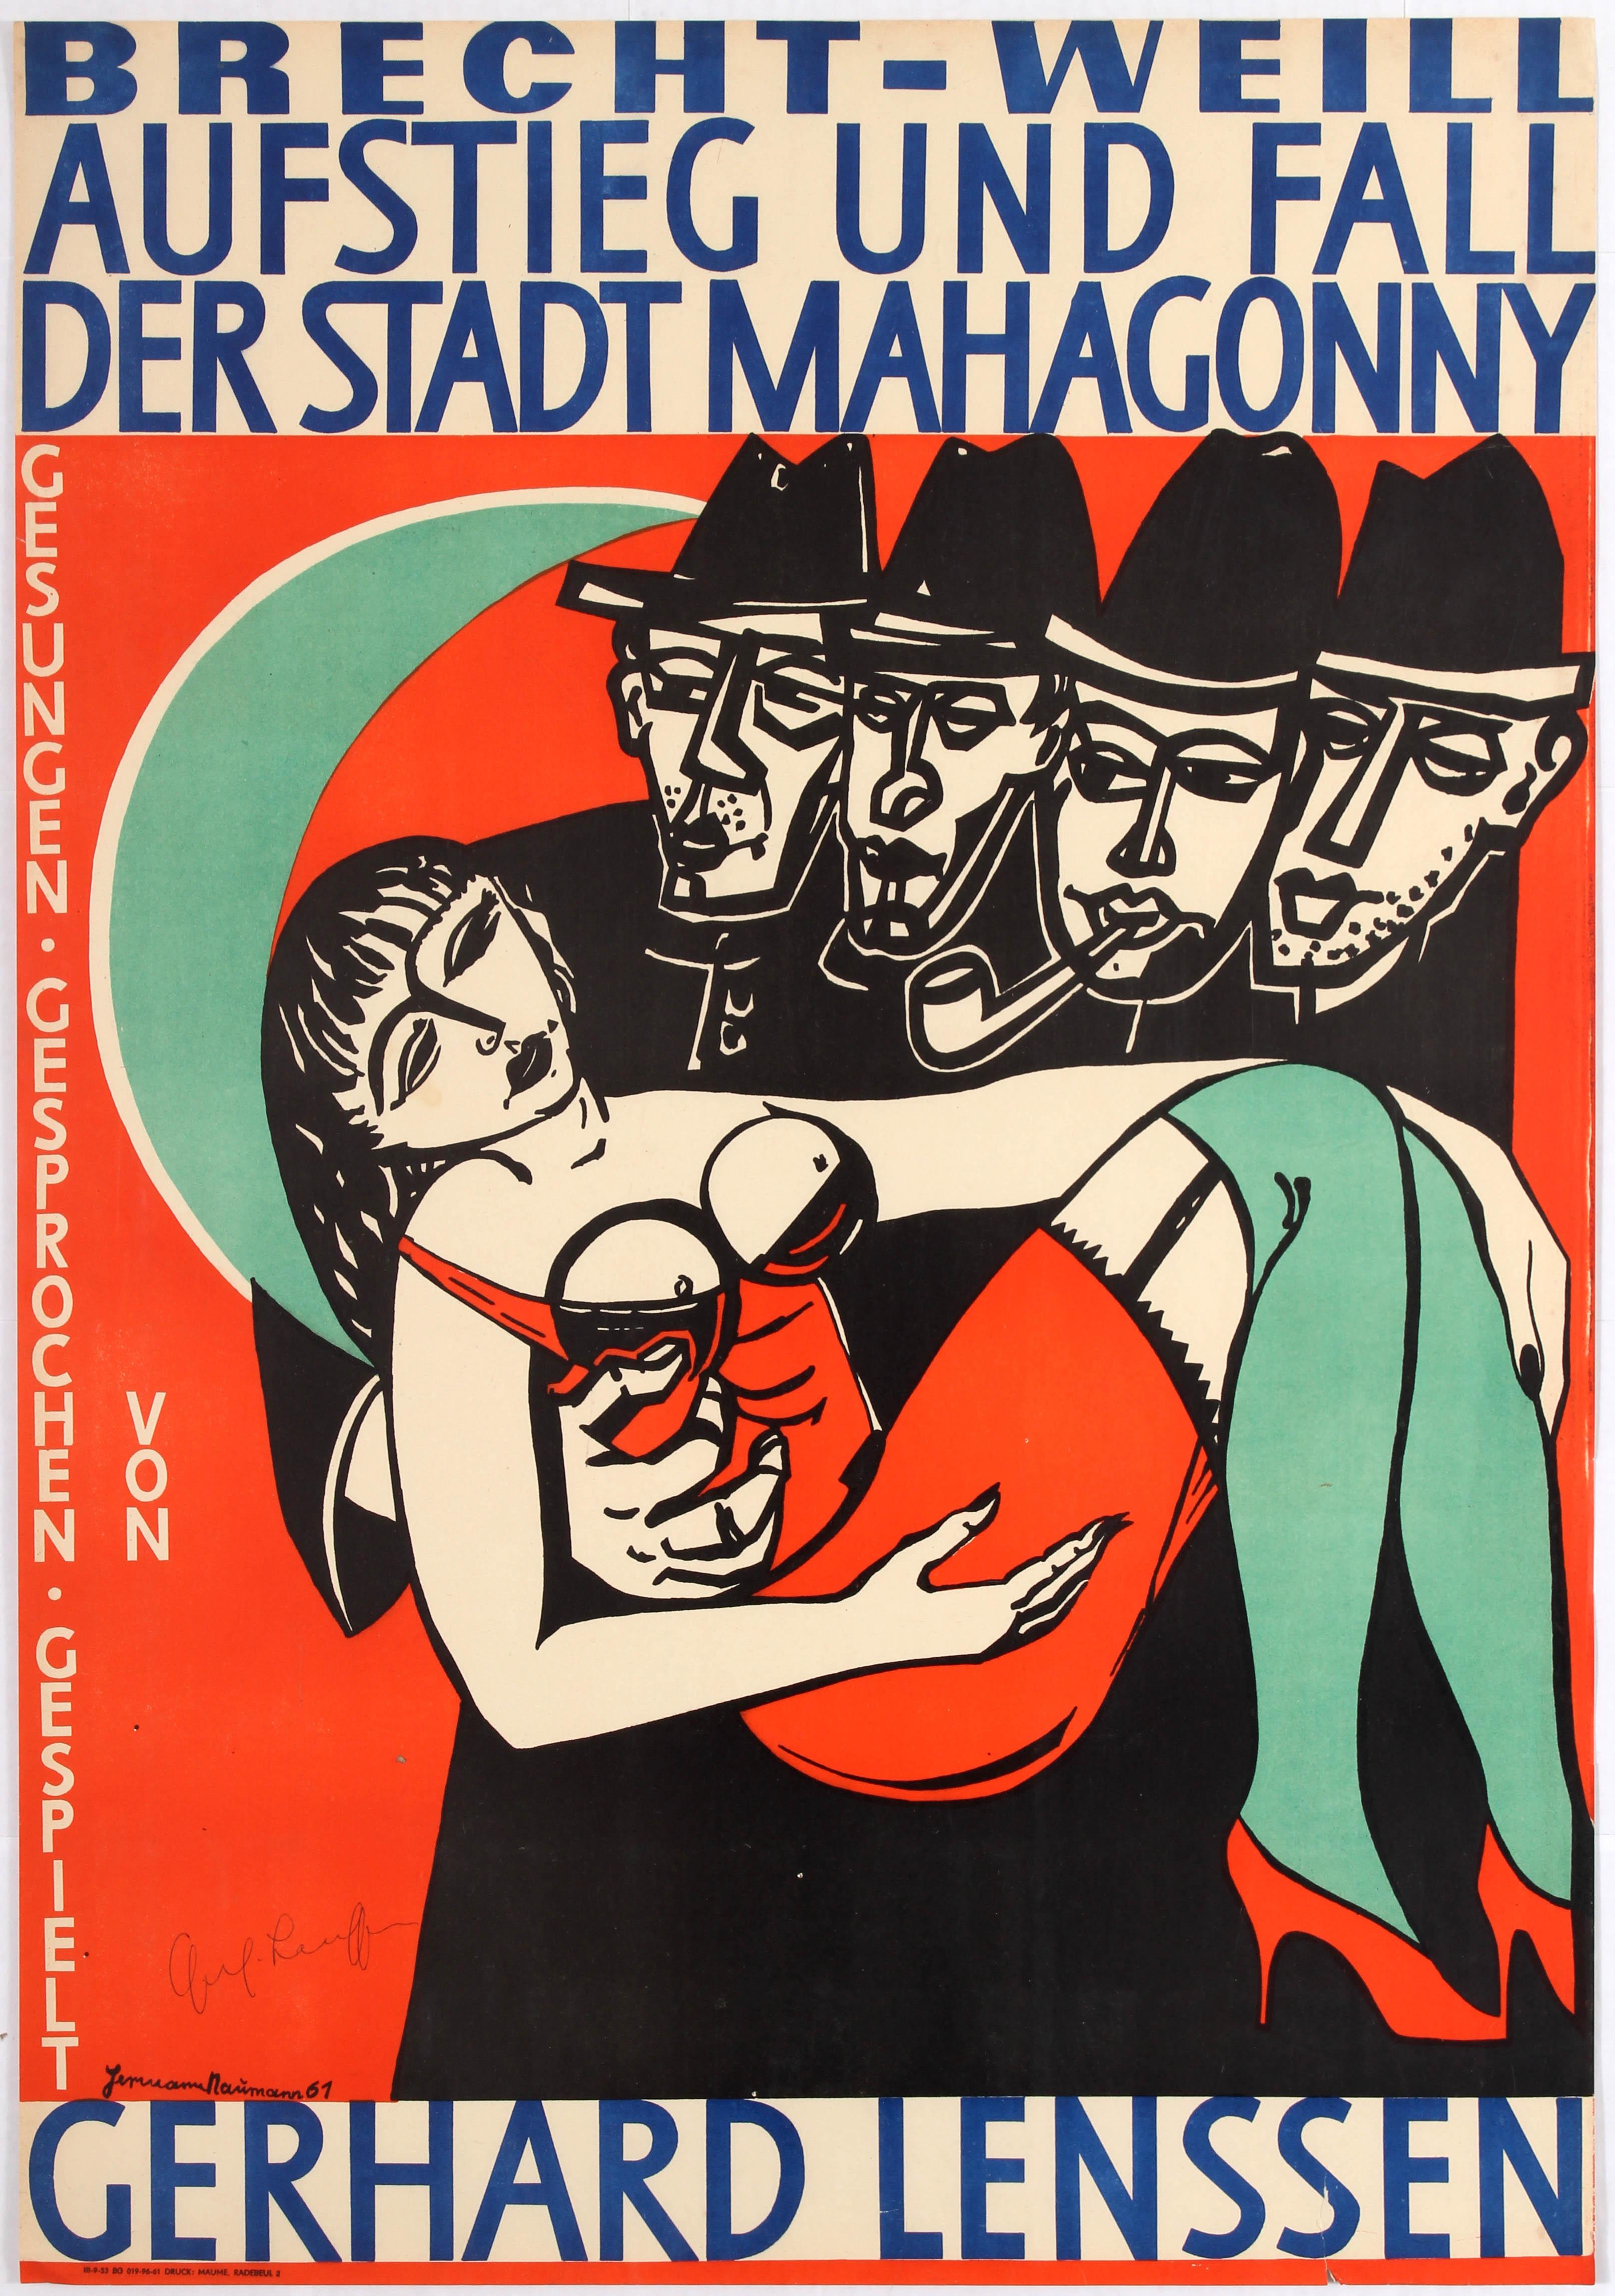 German Advertising Poster Satirical Opera